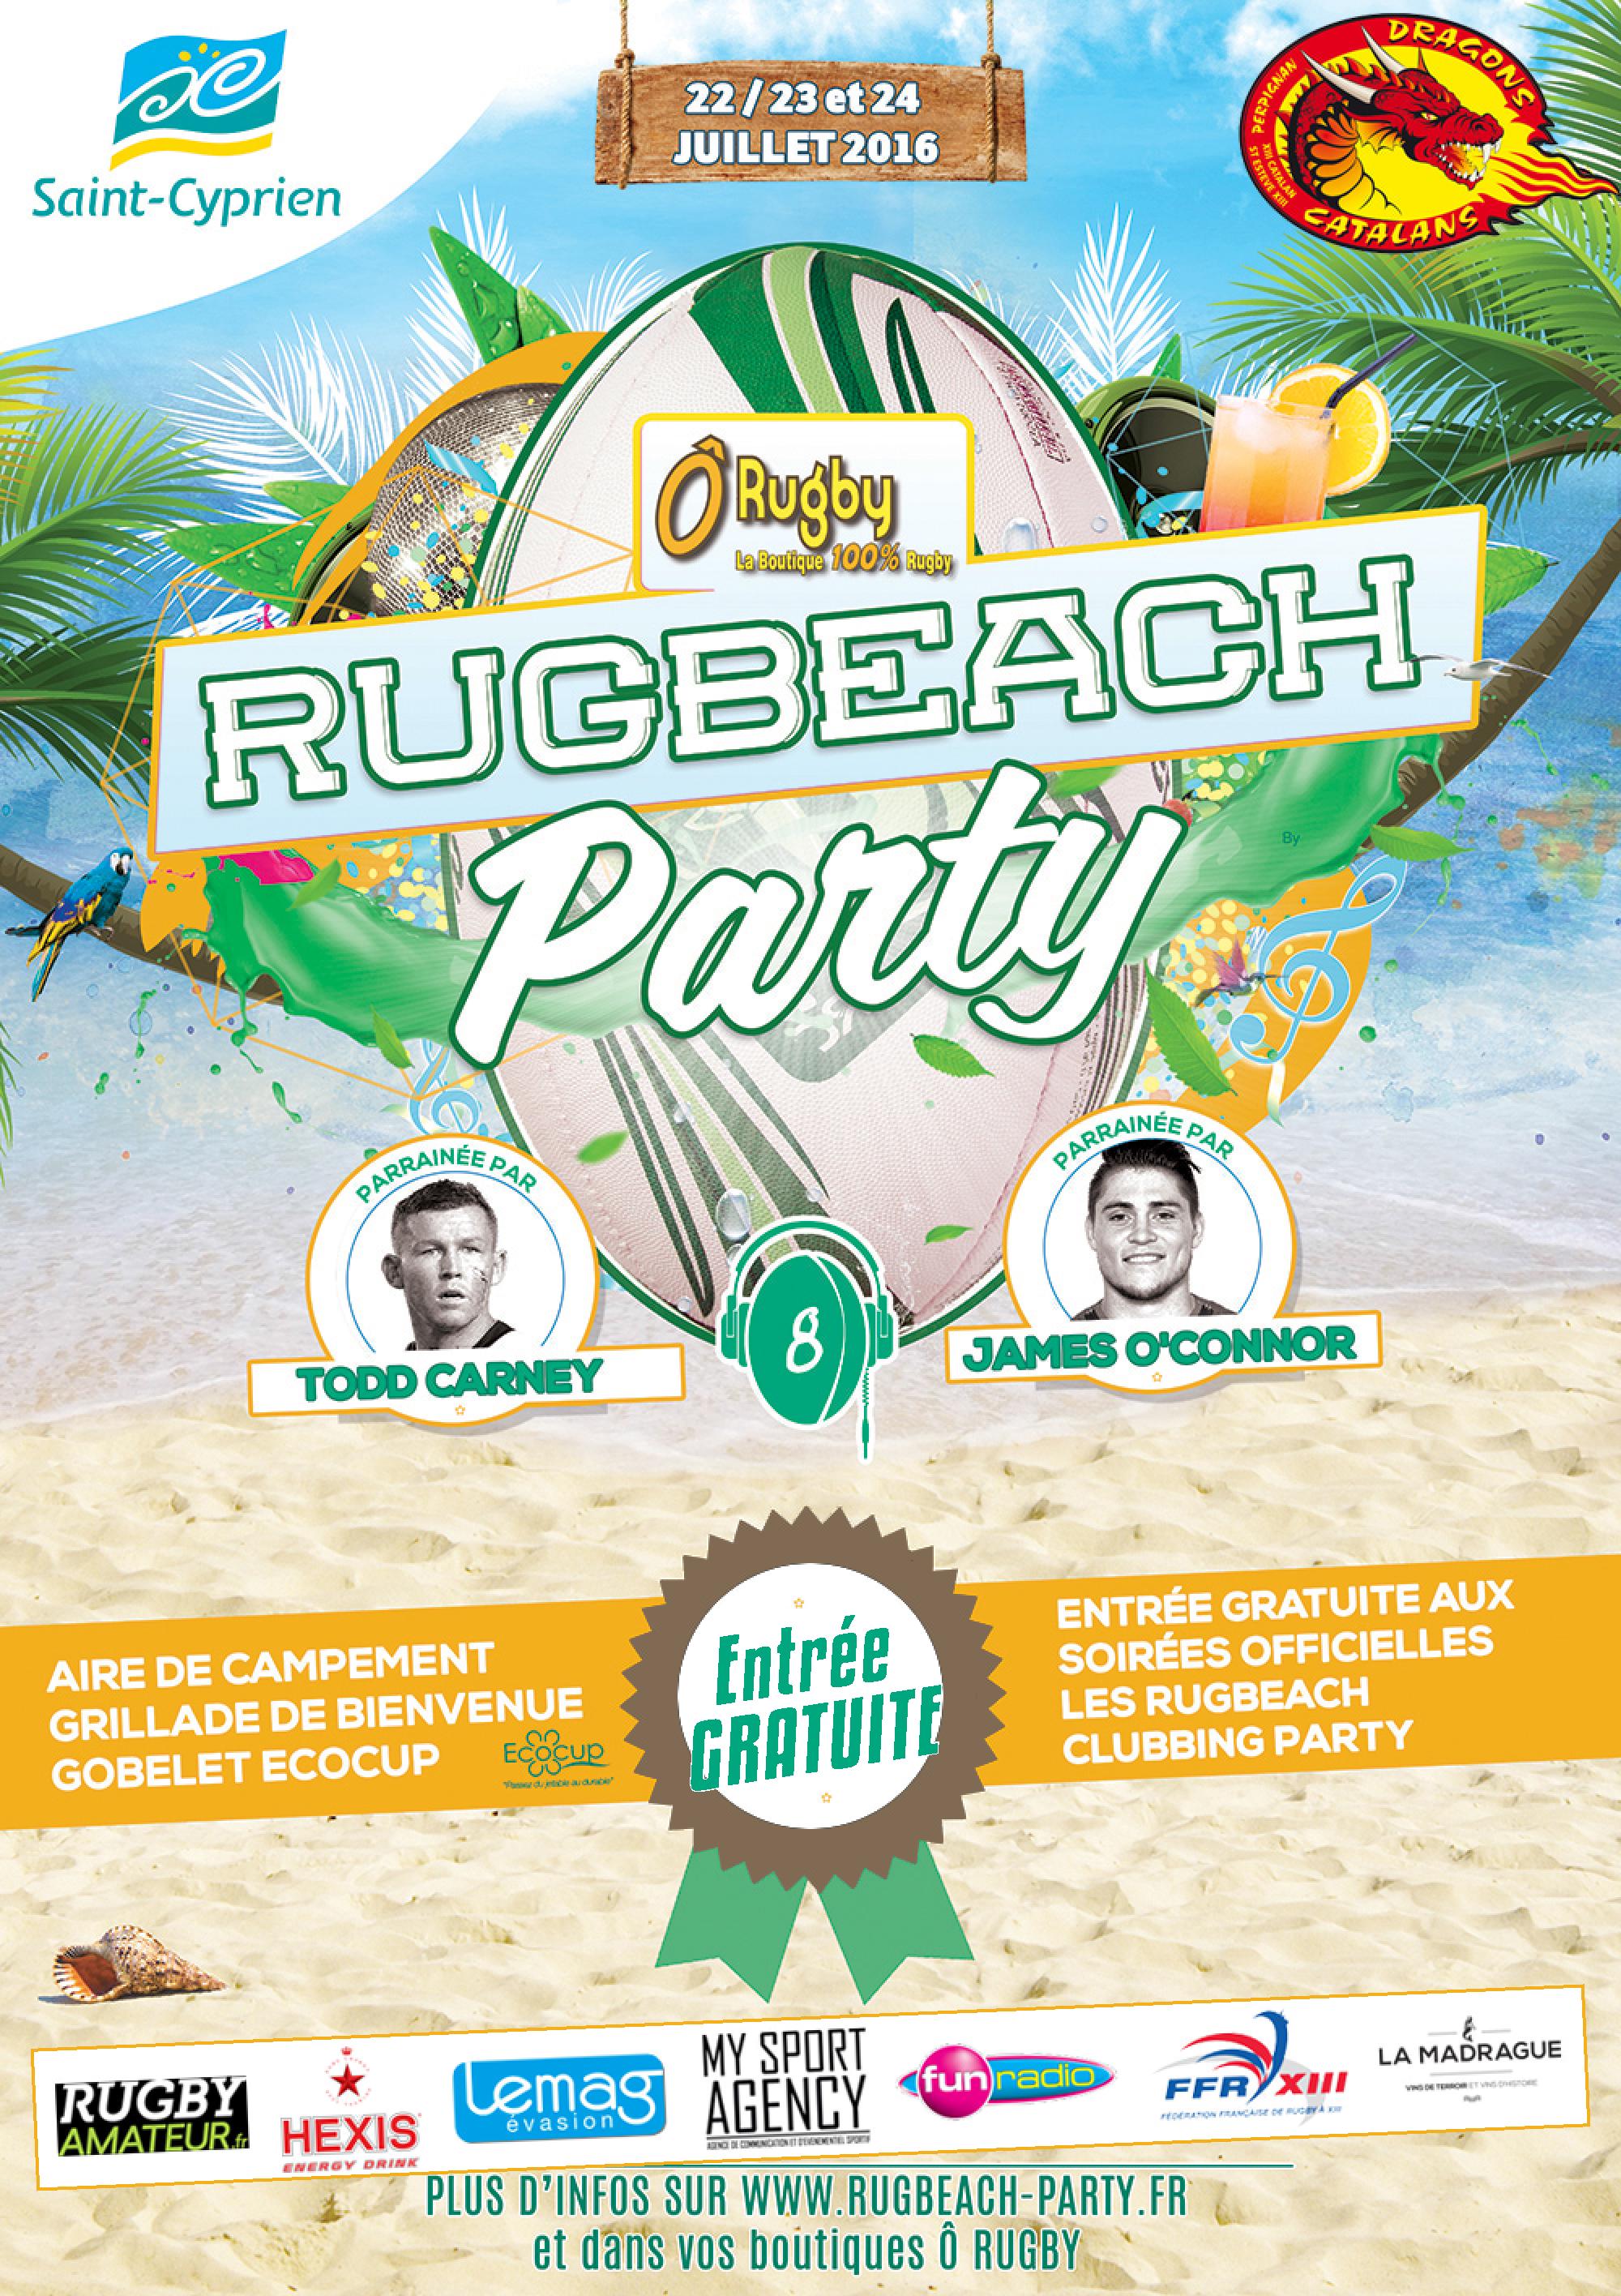 A1_rugbeach_#1_vert entree gratuitePopup